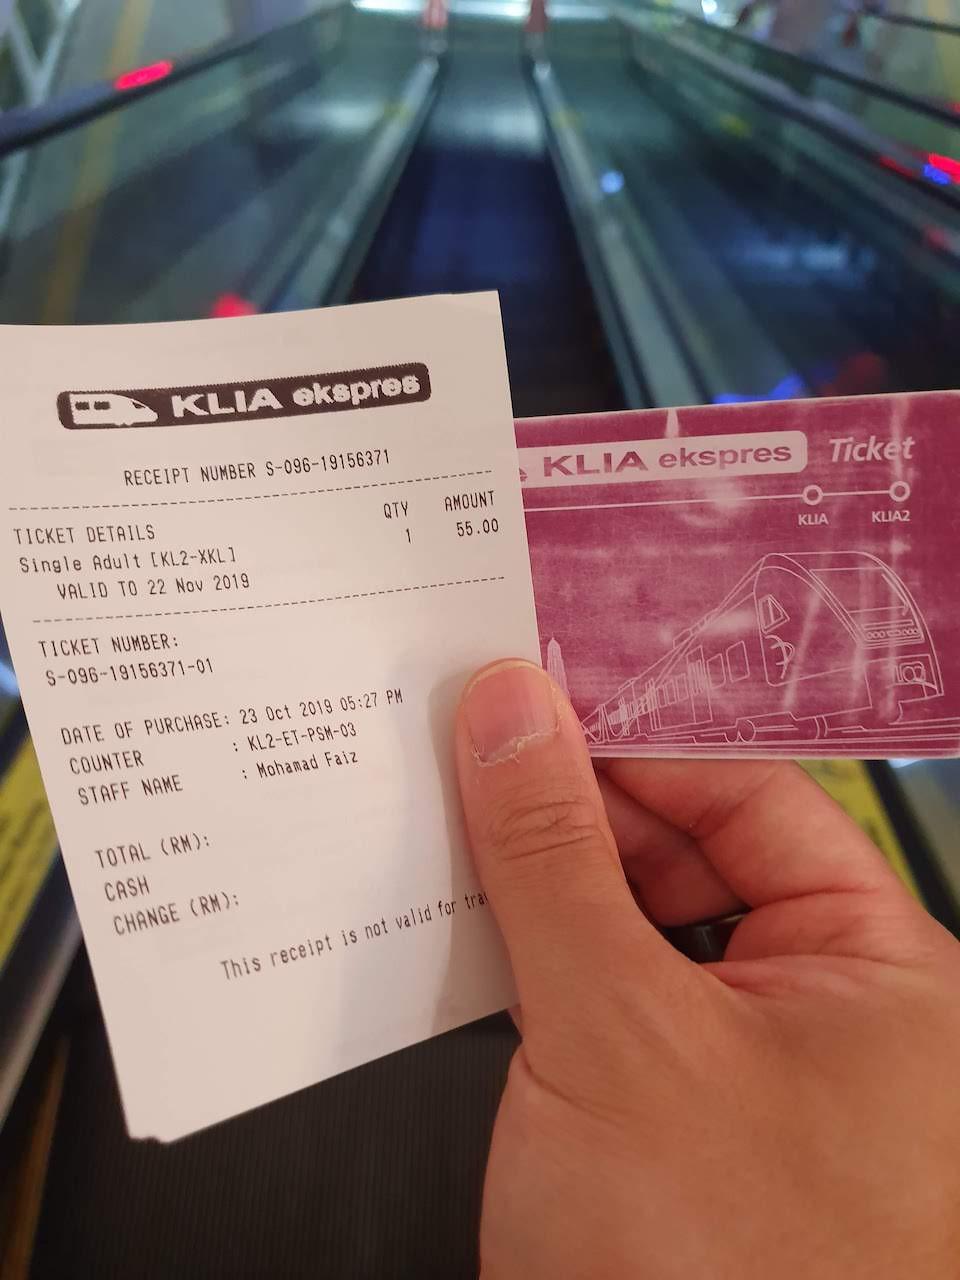 KLIA ekspress ticket